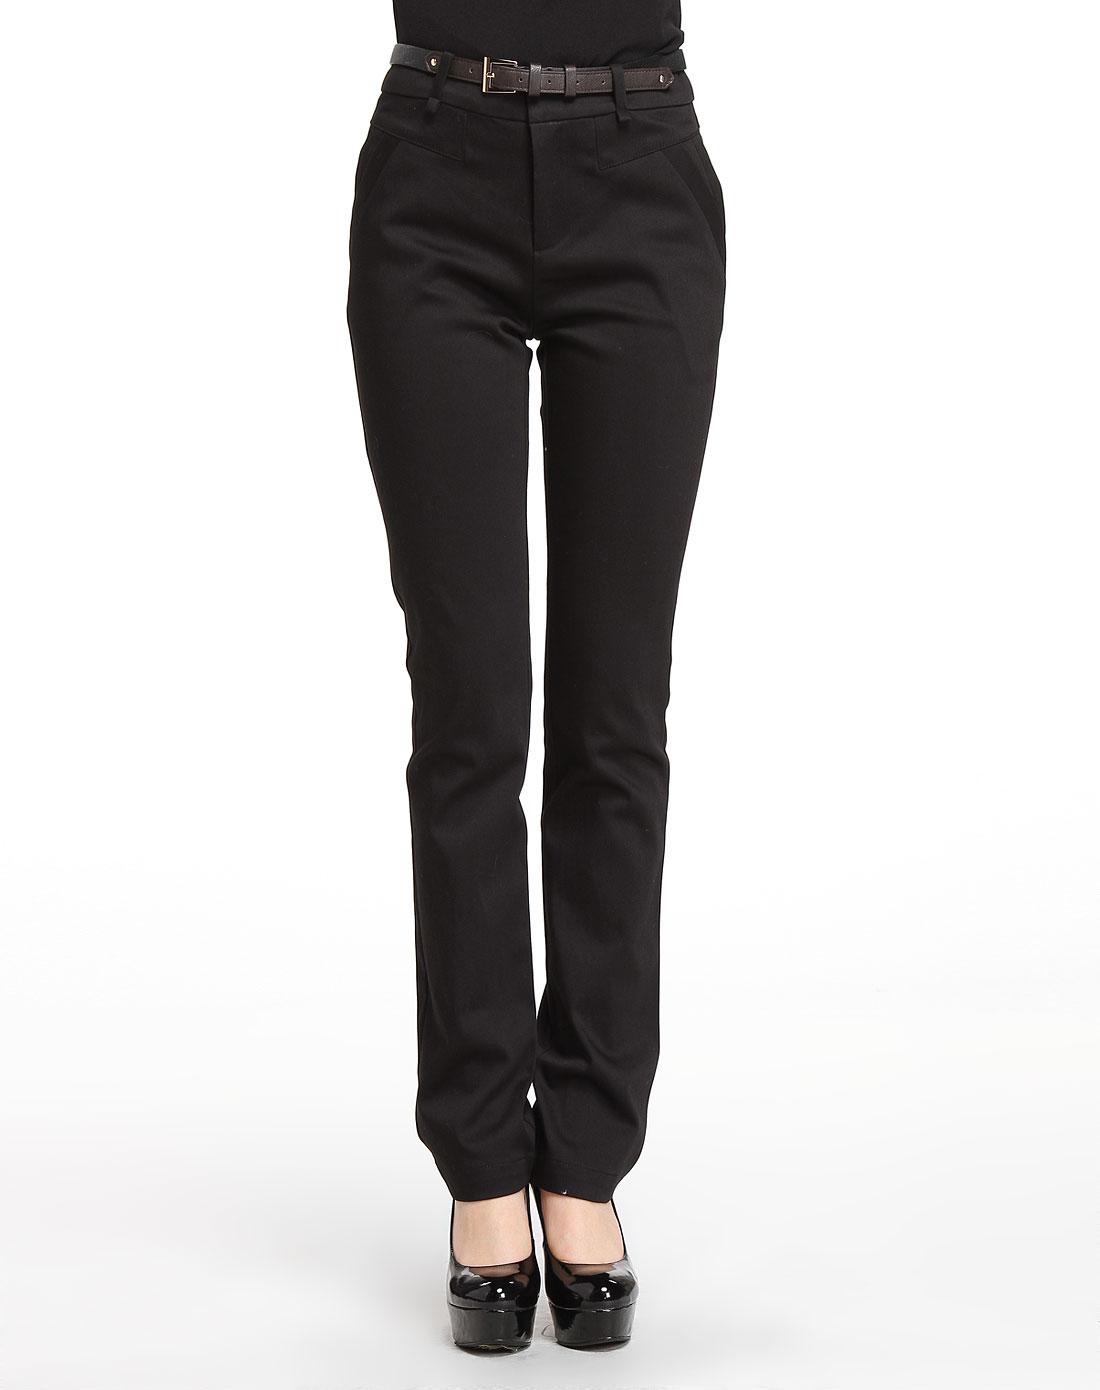 黑色商务修身长裤